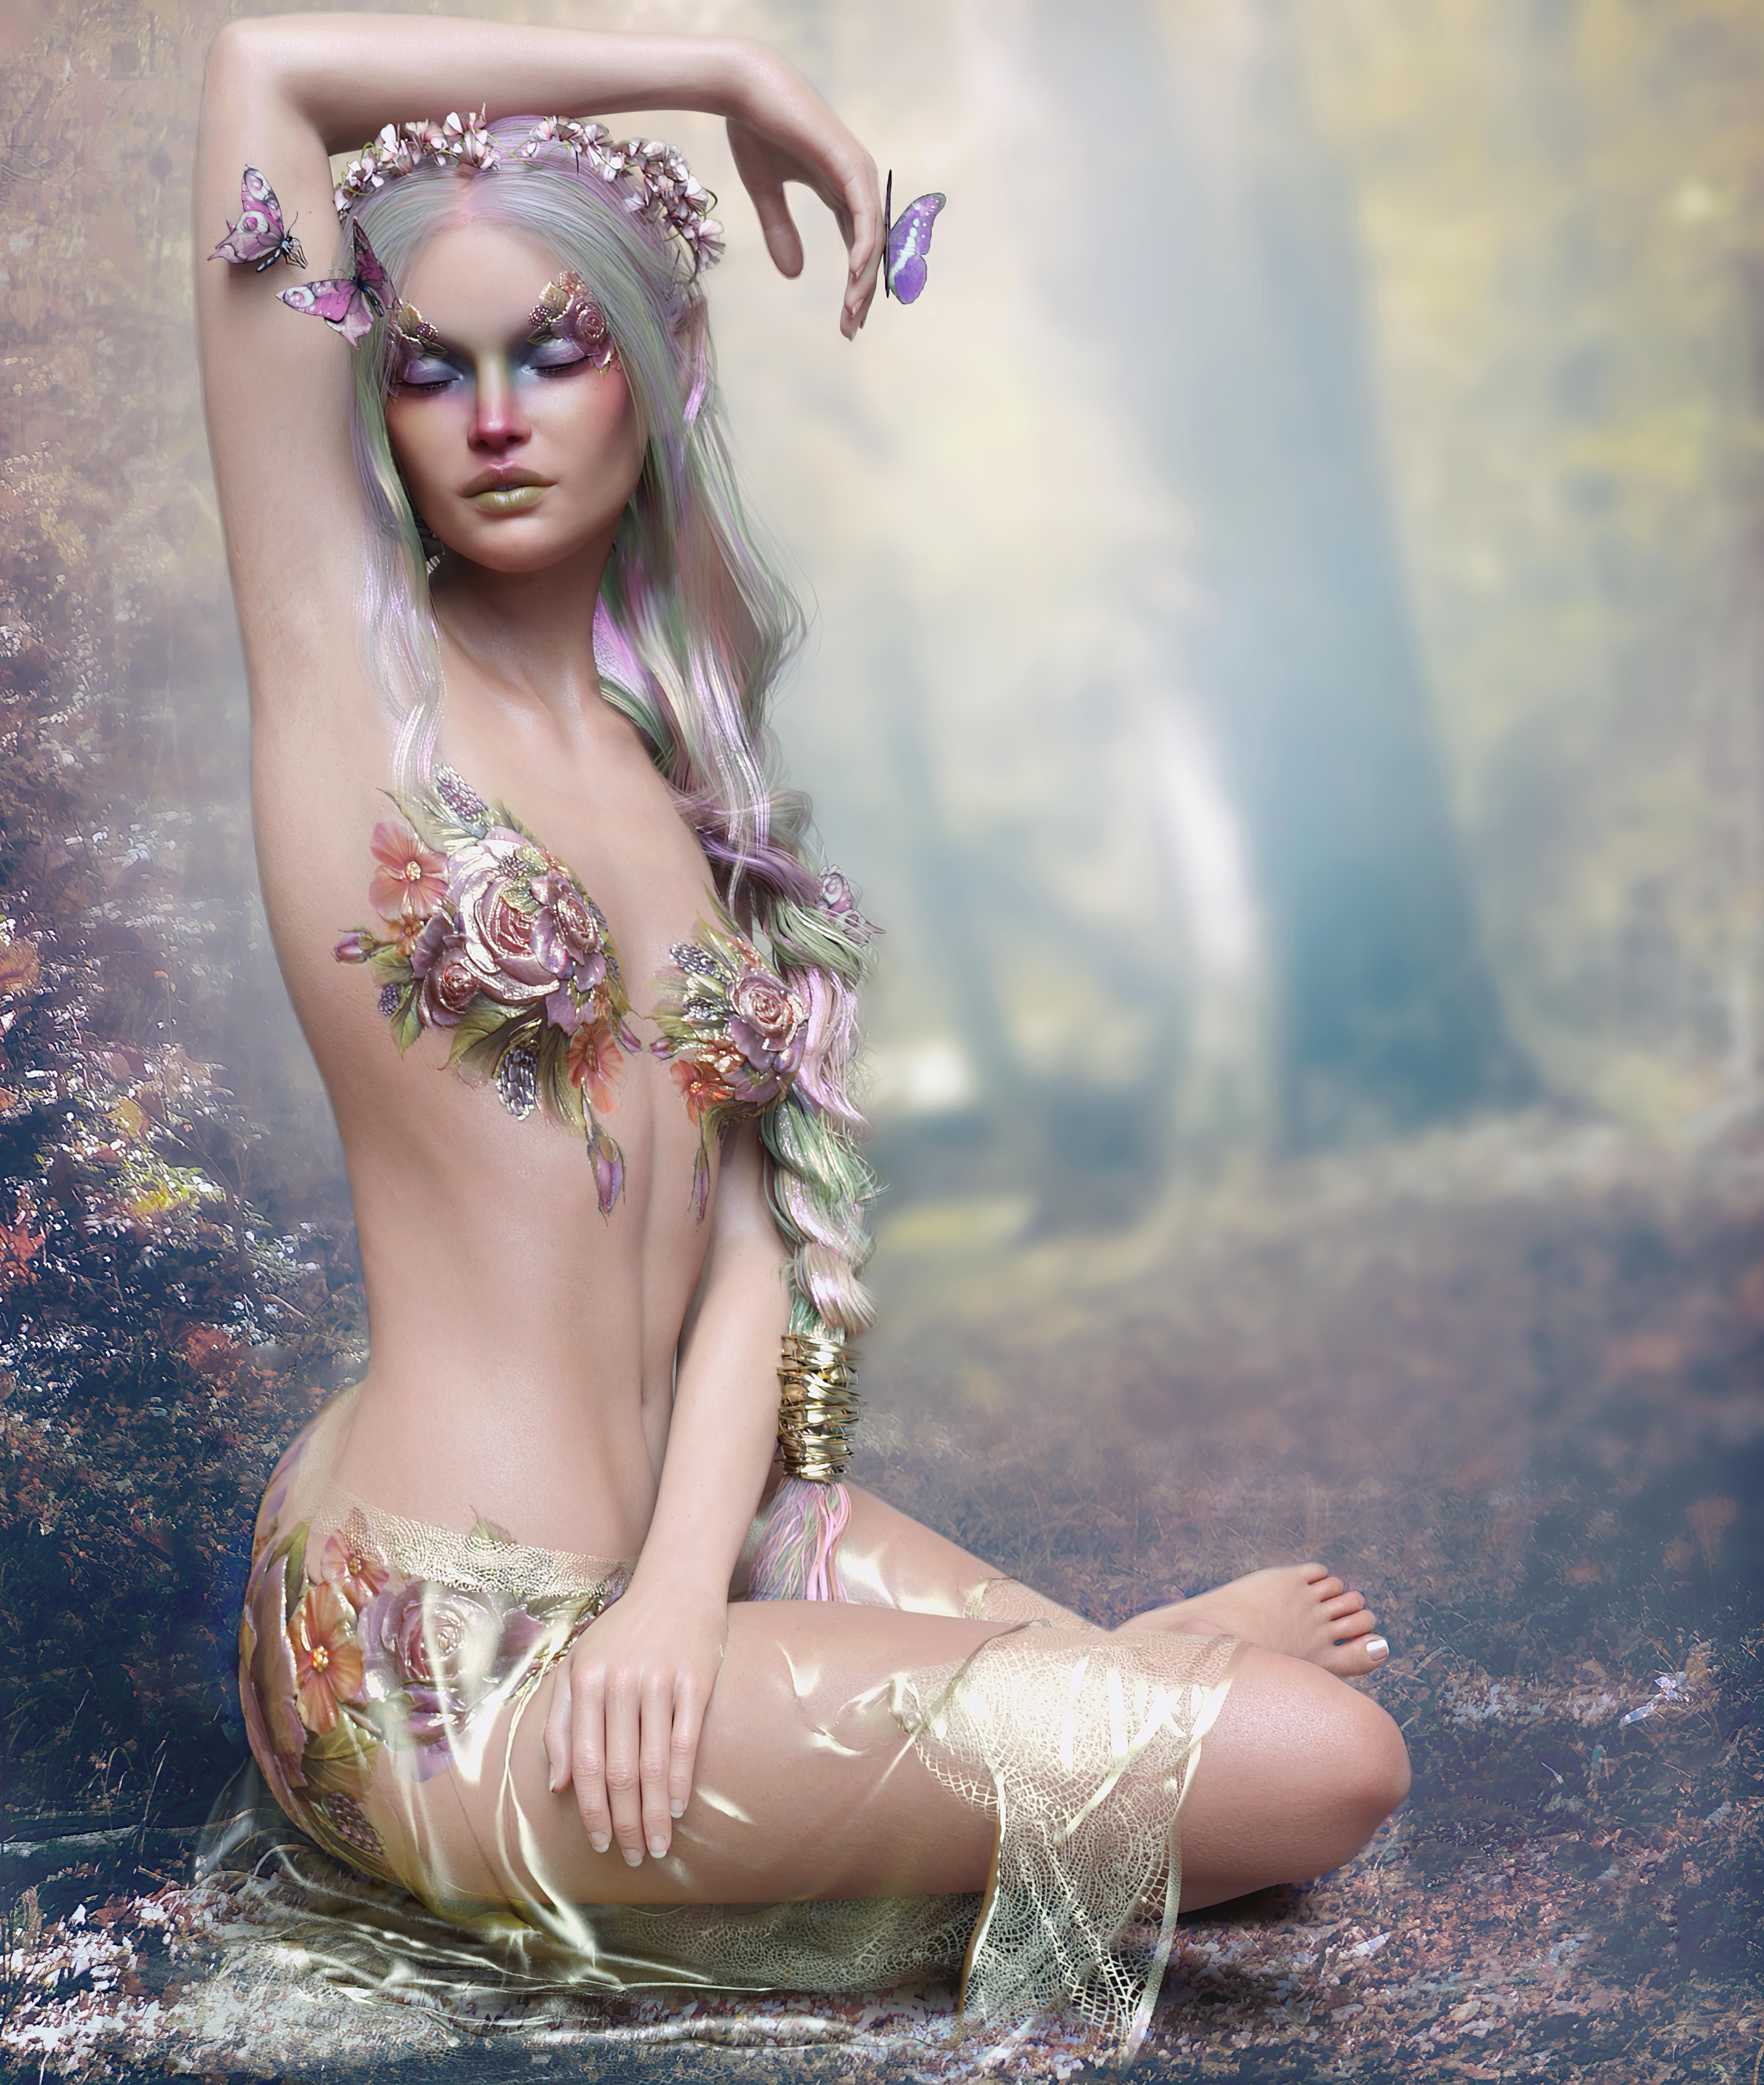 Meditation By LyndseyH